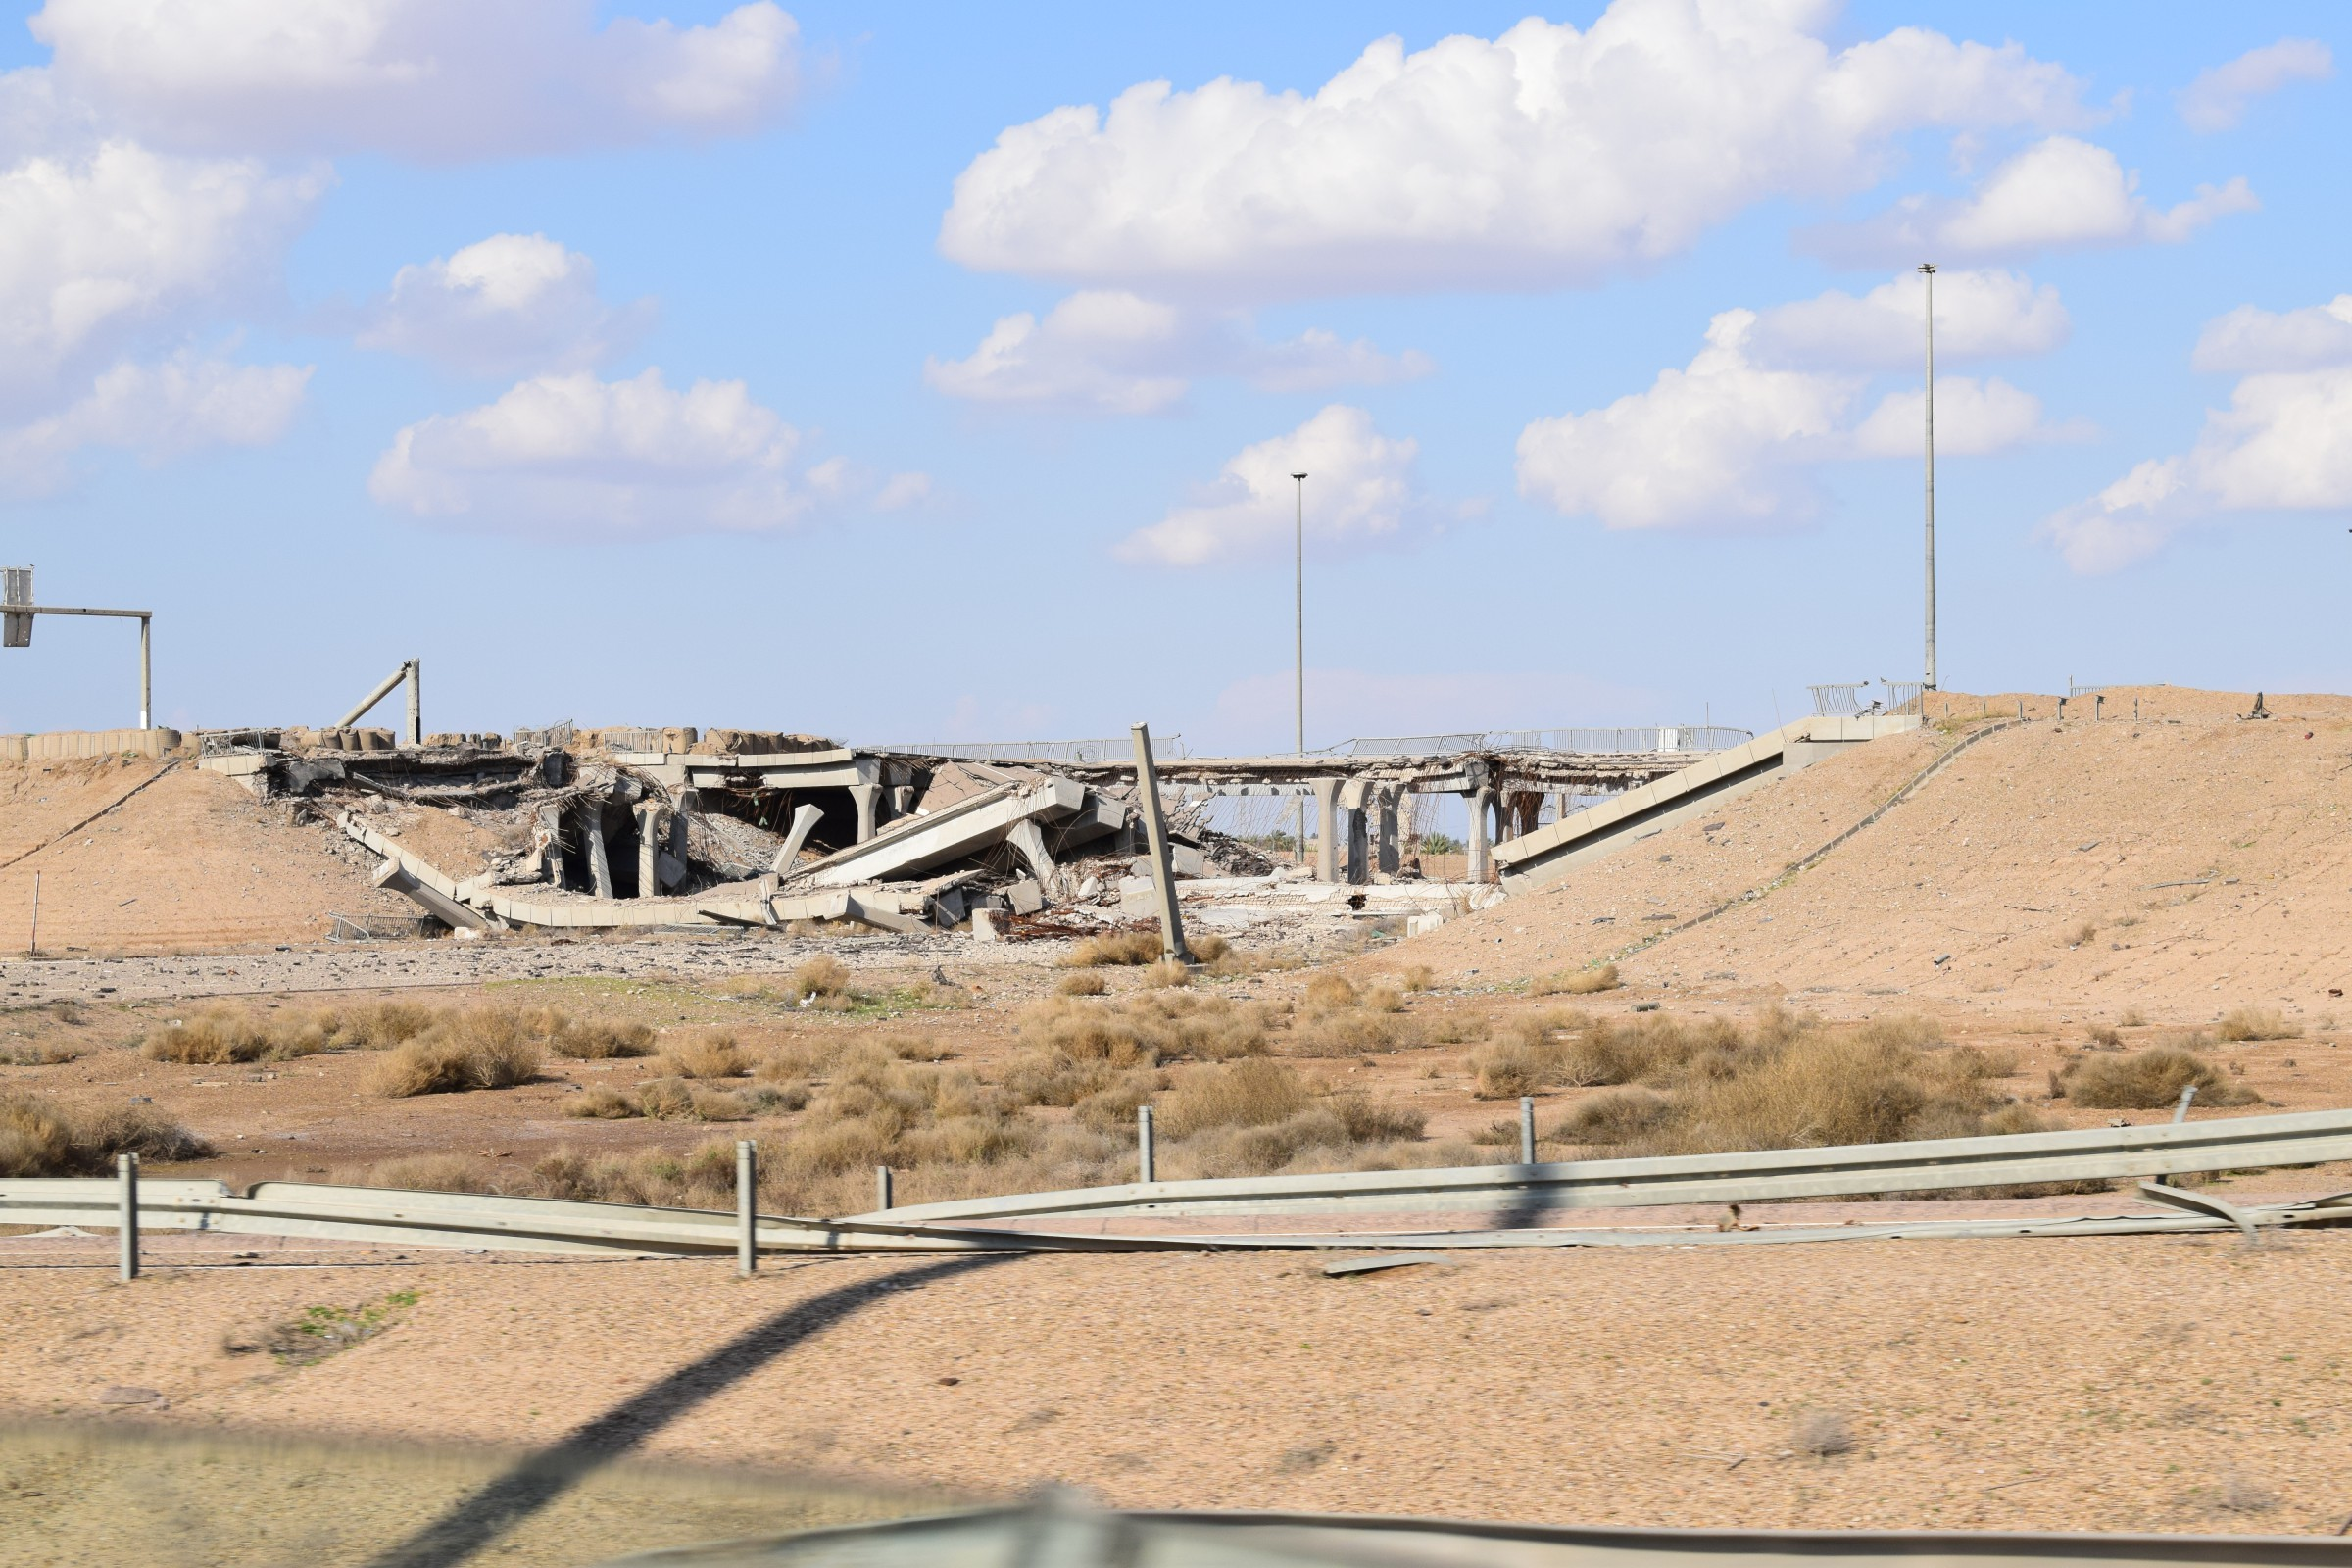 الانبار: ثلاث جسور عملاقة تعيق إعادة افتتاح الطريق الدولي بين الرمادي وبغداد